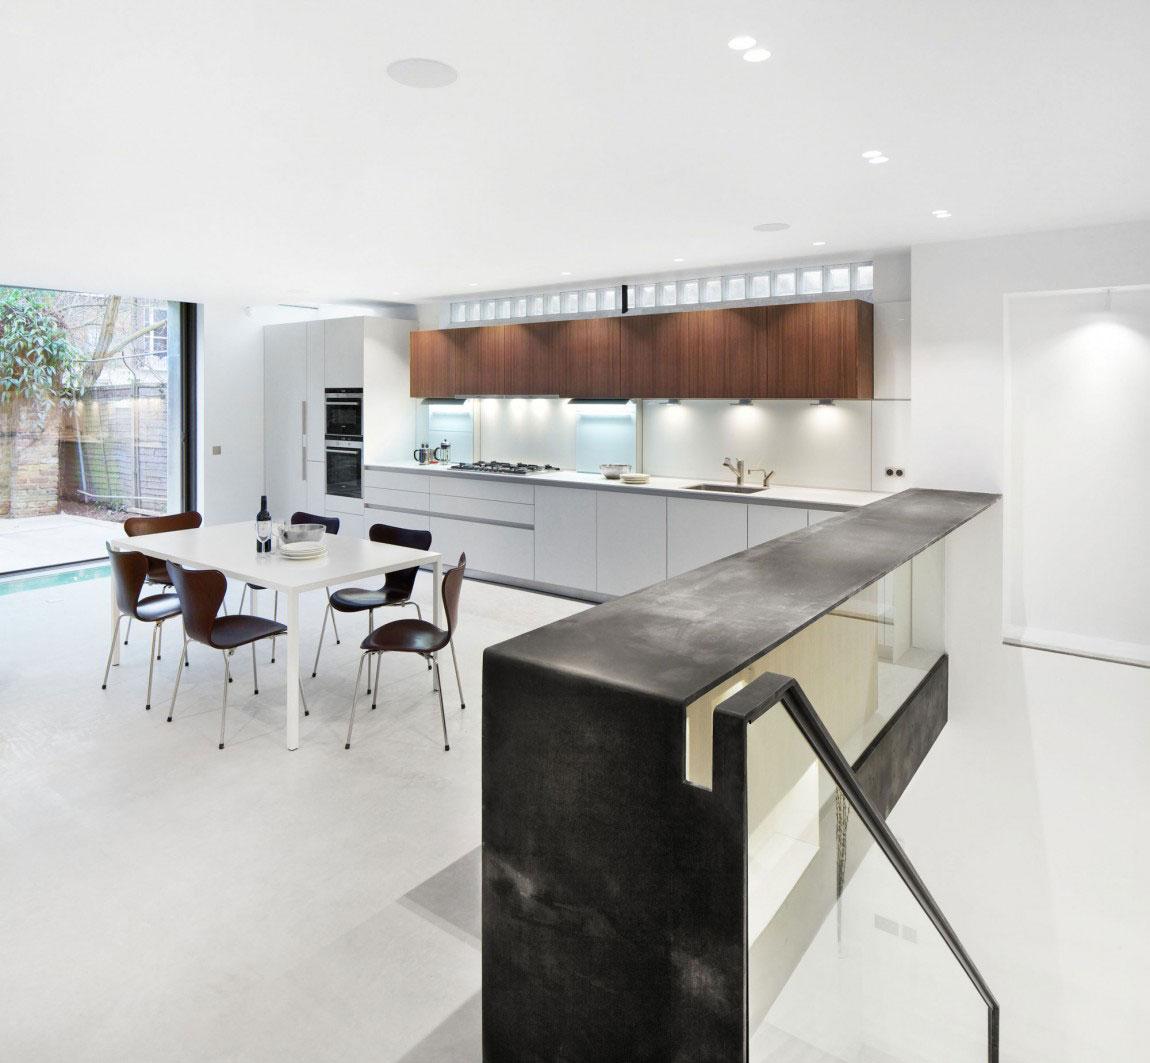 Latest-Kitchen-Interior-Inspiration-10 Latest Kitchen-Interior-Inspiration That You Surely Want To See